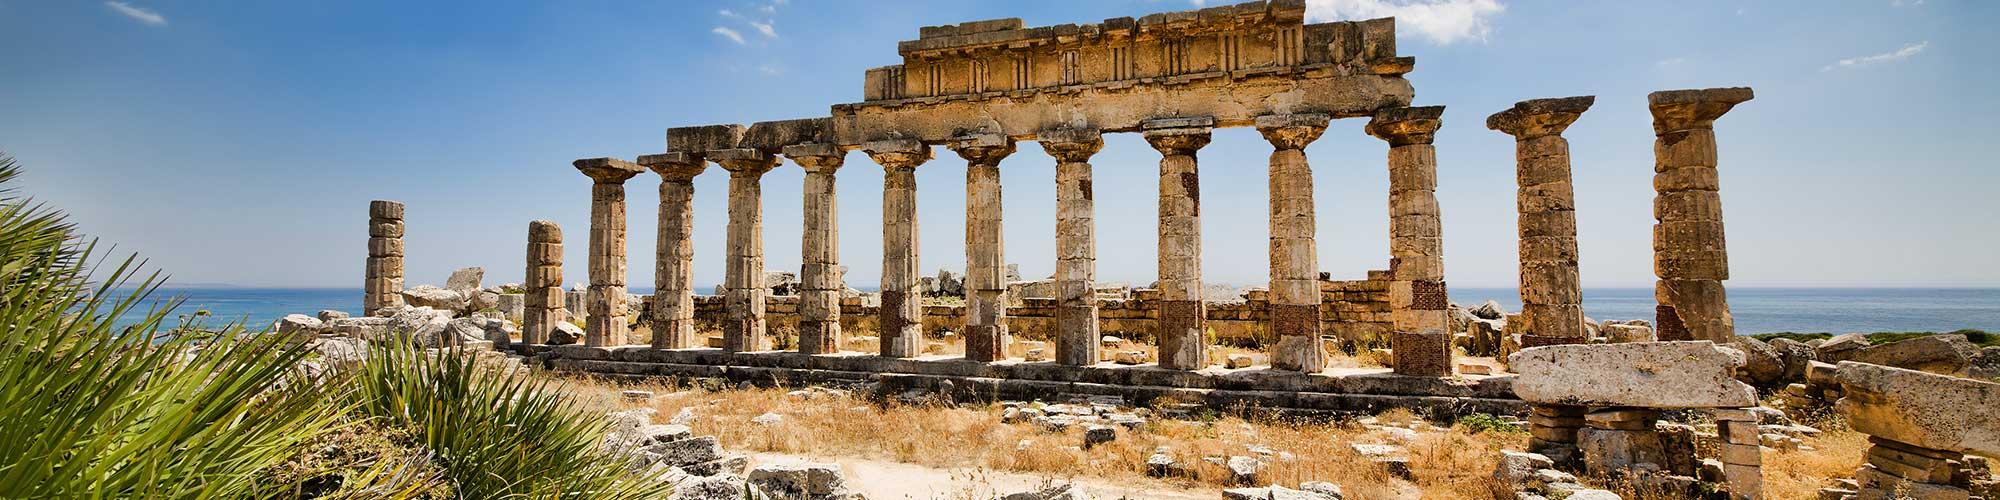 Trinacia, el granero de helios: un viaje arqueológico a Sicilia  - EL PAÍS Viajes